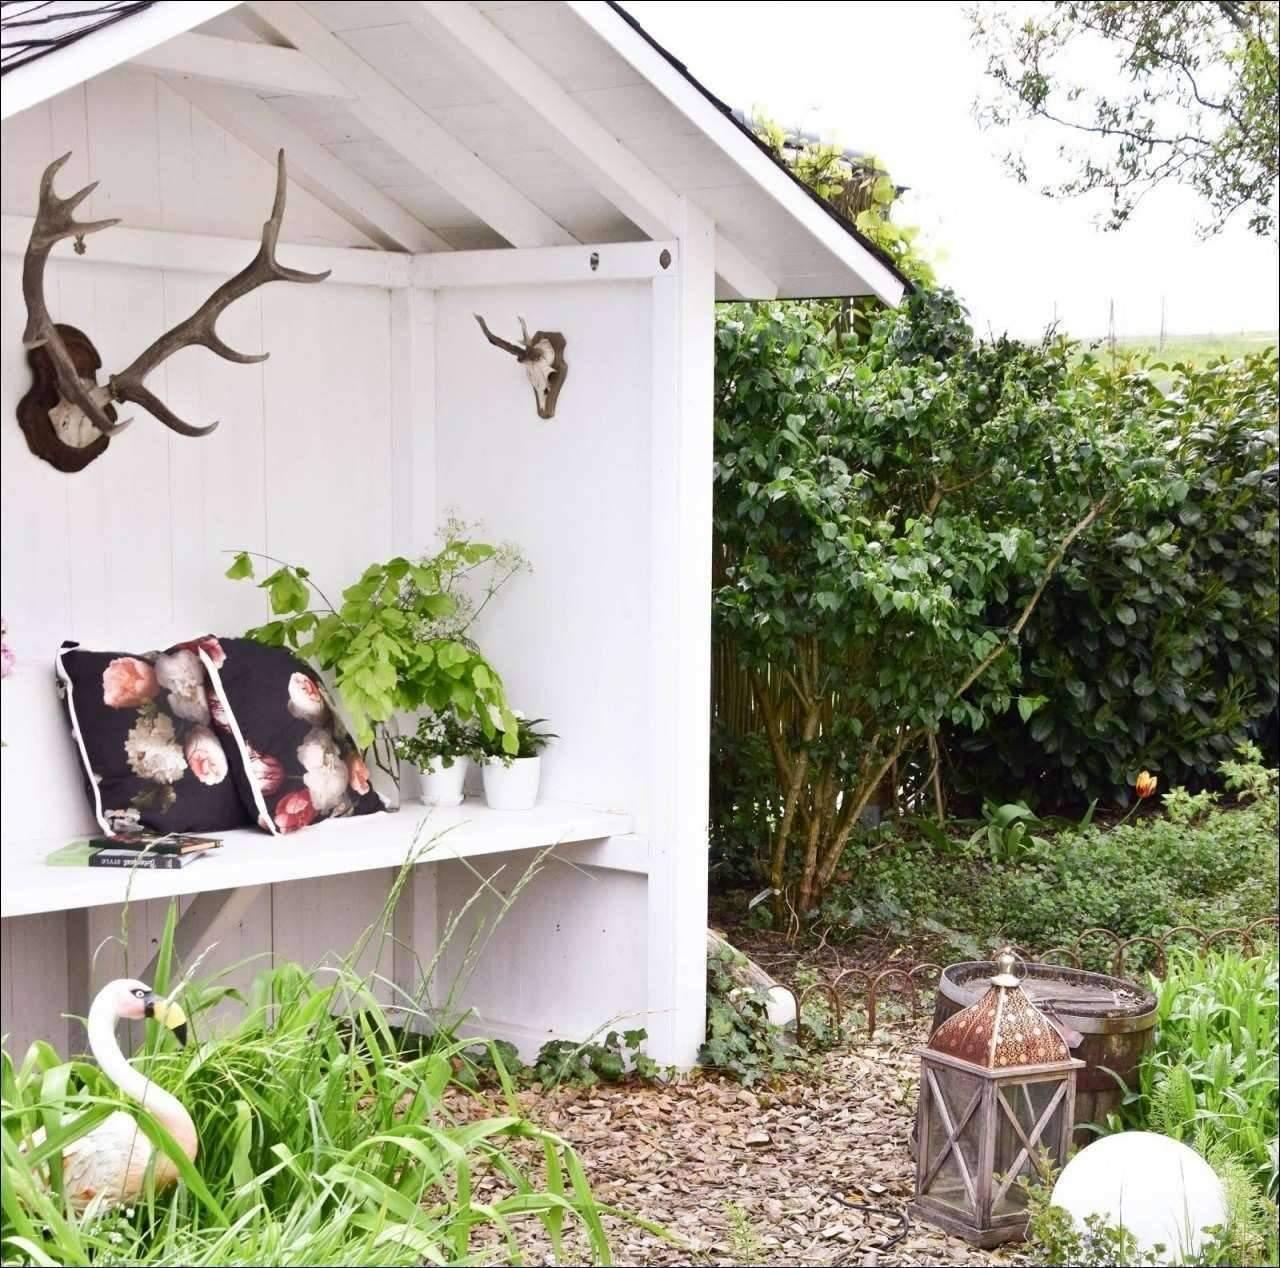 gartengestaltung kleine garten einzigartig einzigartig wohnzimmer ideen fur grose raume inspirationen of gartengestaltung kleine garten